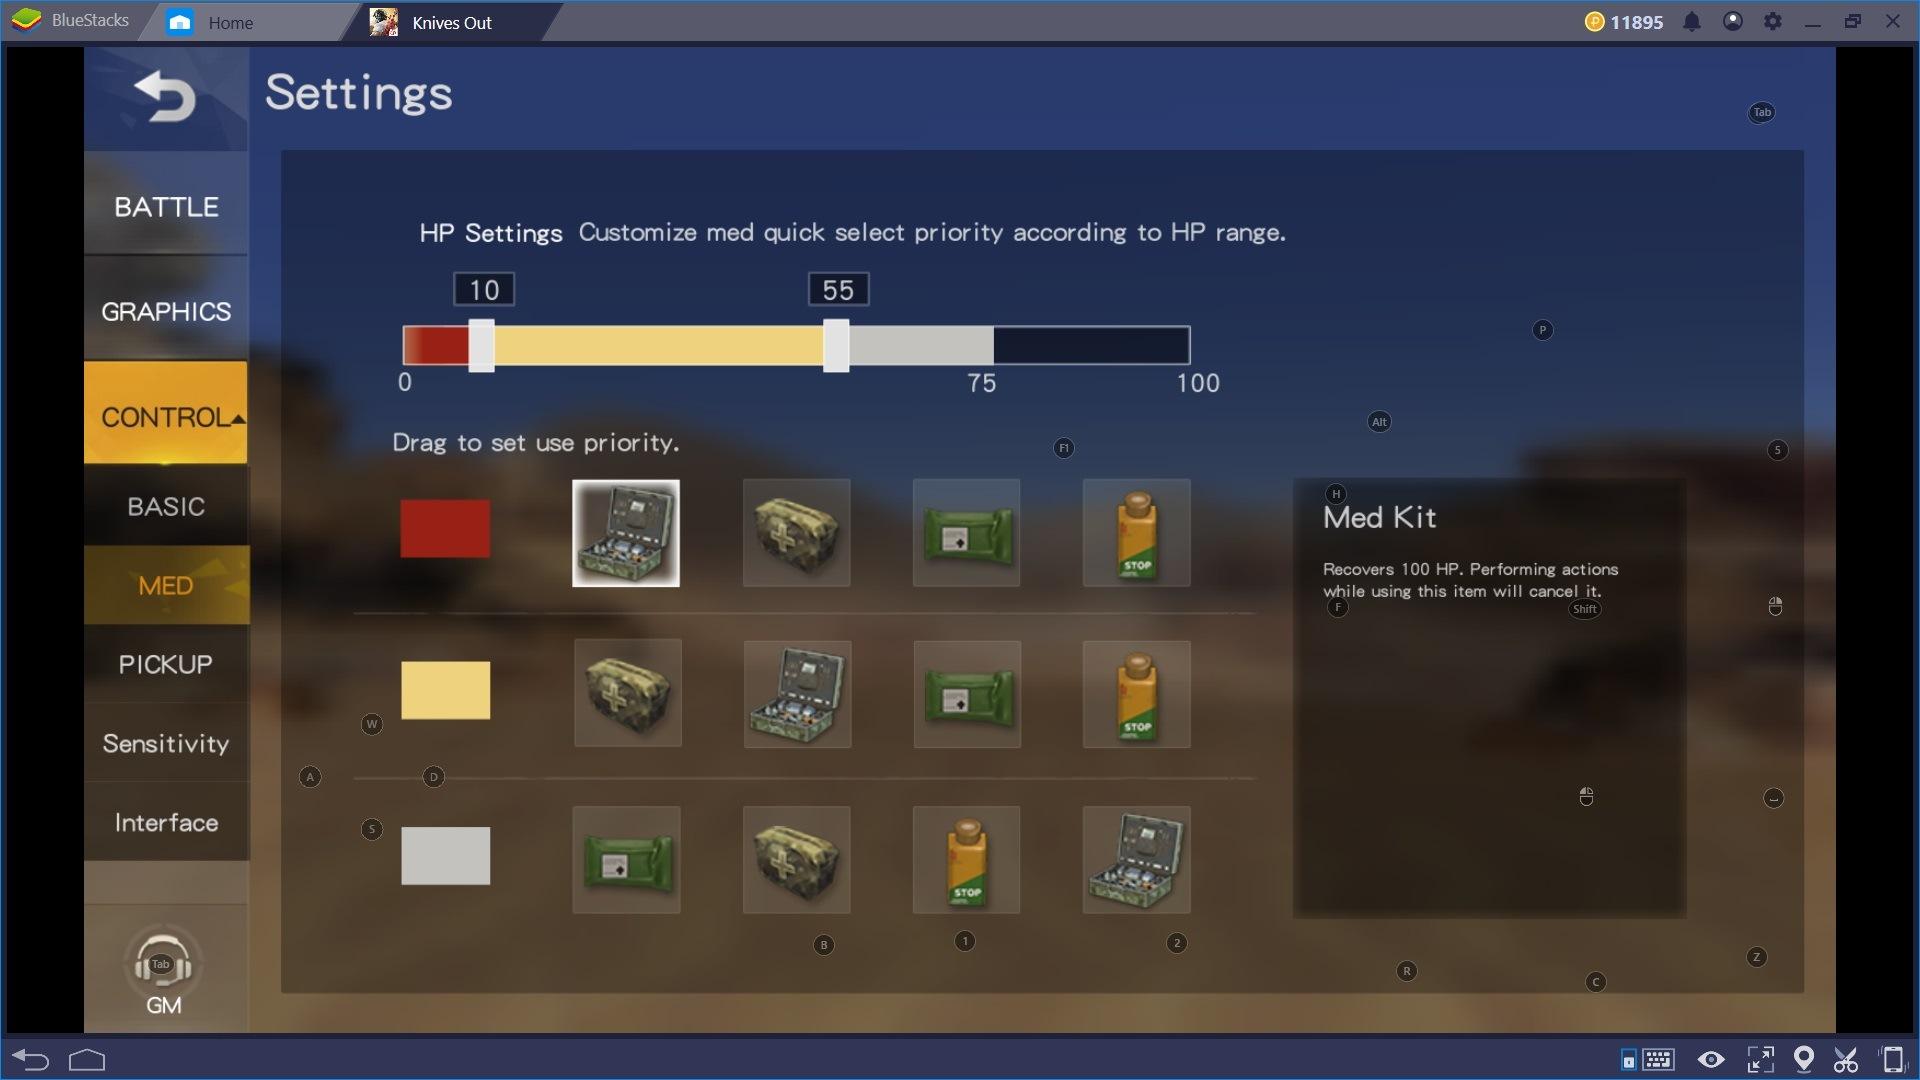 Knives Out: Controlli di Gioco e Impostazioni per Bluestacks 4